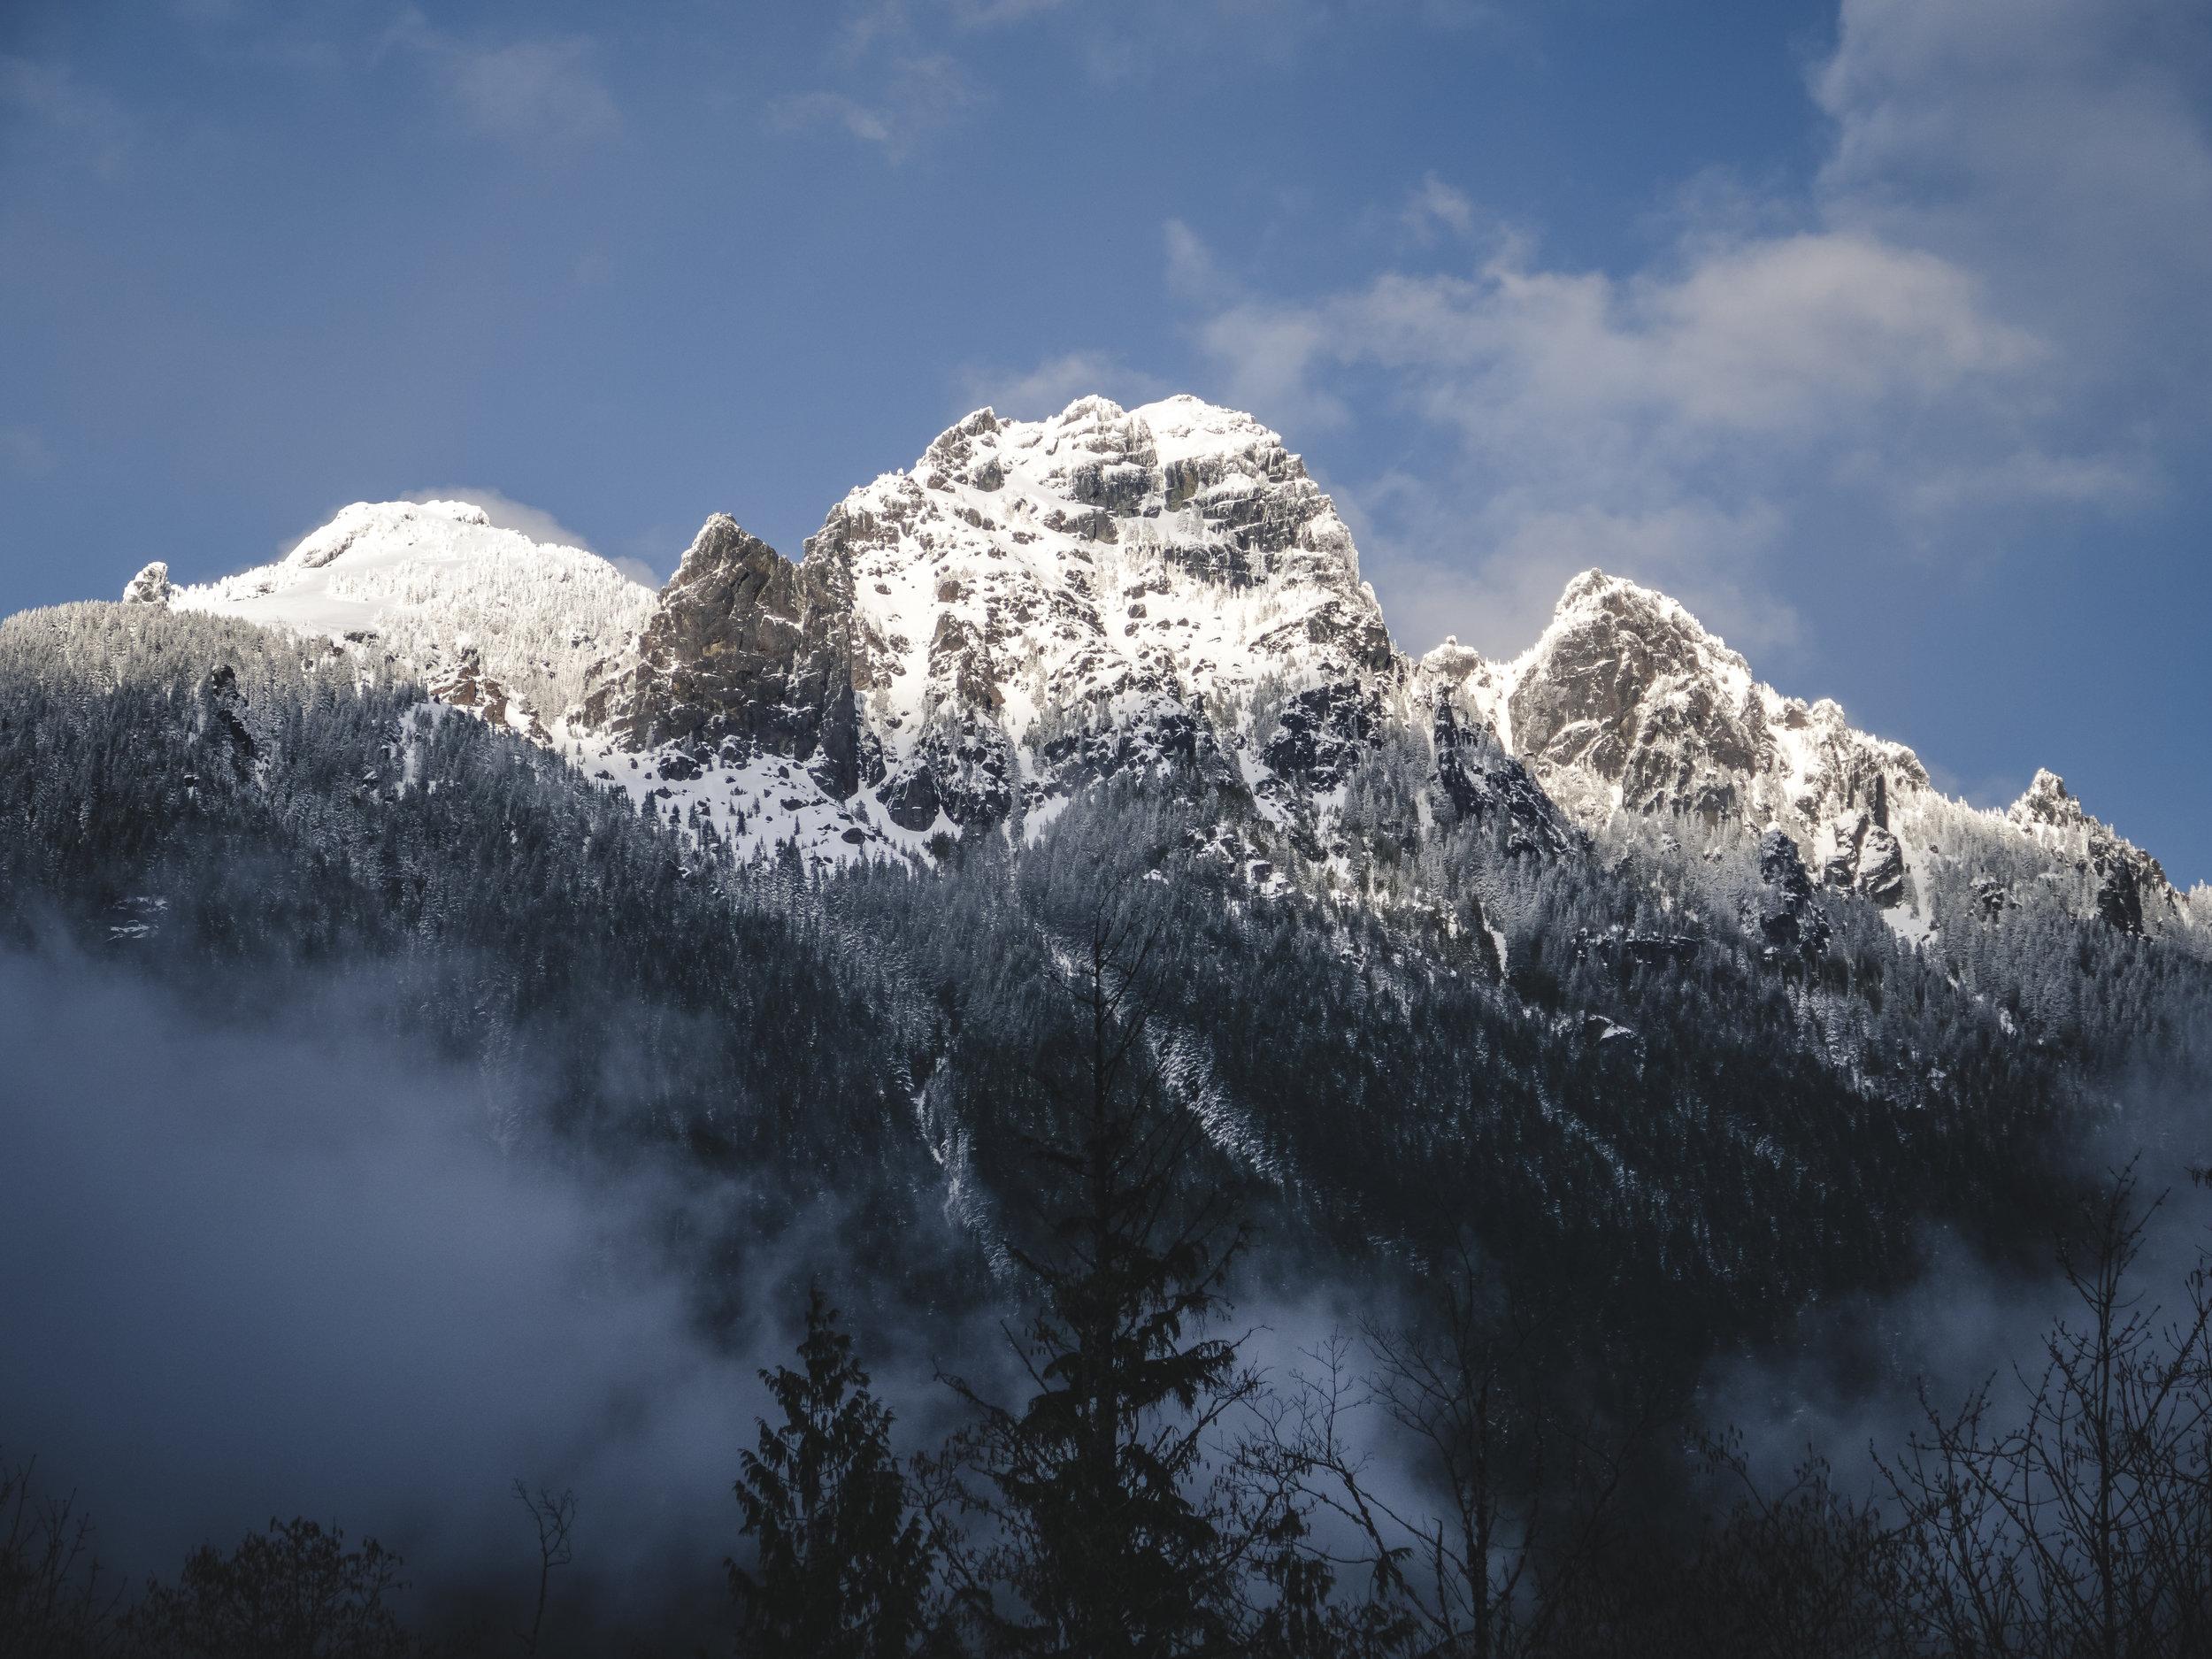 Washington_Roadside_View_of_Snowy_Rock_Mountain.jpg